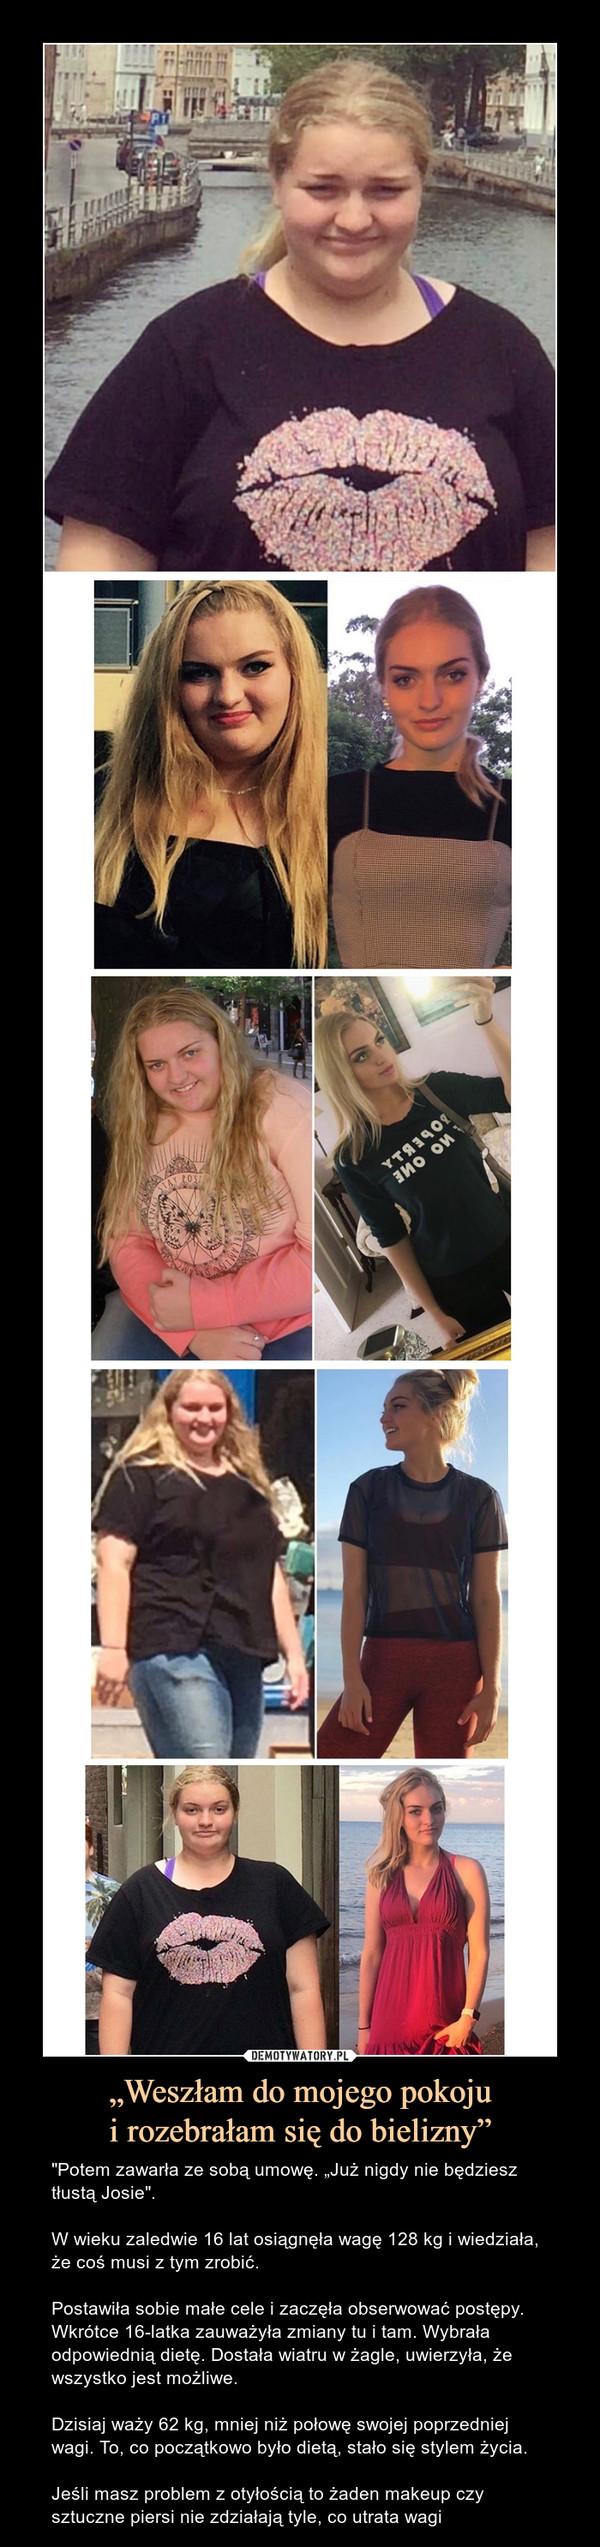 """""""Weszłam do mojego pokojui rozebrałam się do bielizny"""" – """"Potem zawarła ze sobą umowę. """"Już nigdy nie będziesz tłustą Josie"""".W wieku zaledwie 16 lat osiągnęła wagę 128 kg i wiedziała, że coś musi z tym zrobić.Postawiła sobie małe cele i zaczęła obserwować postępy. Wkrótce 16-latka zauważyła zmiany tu i tam. Wybrała odpowiednią dietę. Dostała wiatru w żagle, uwierzyła, że wszystko jest możliwe.Dzisiaj waży 62 kg, mniej niż połowę swojej poprzedniej wagi. To, co początkowo było dietą, stało się stylem życia.Jeśli masz problem z otyłością to żaden makeup czy sztuczne piersi nie zdziałają tyle, co utrata wagi"""